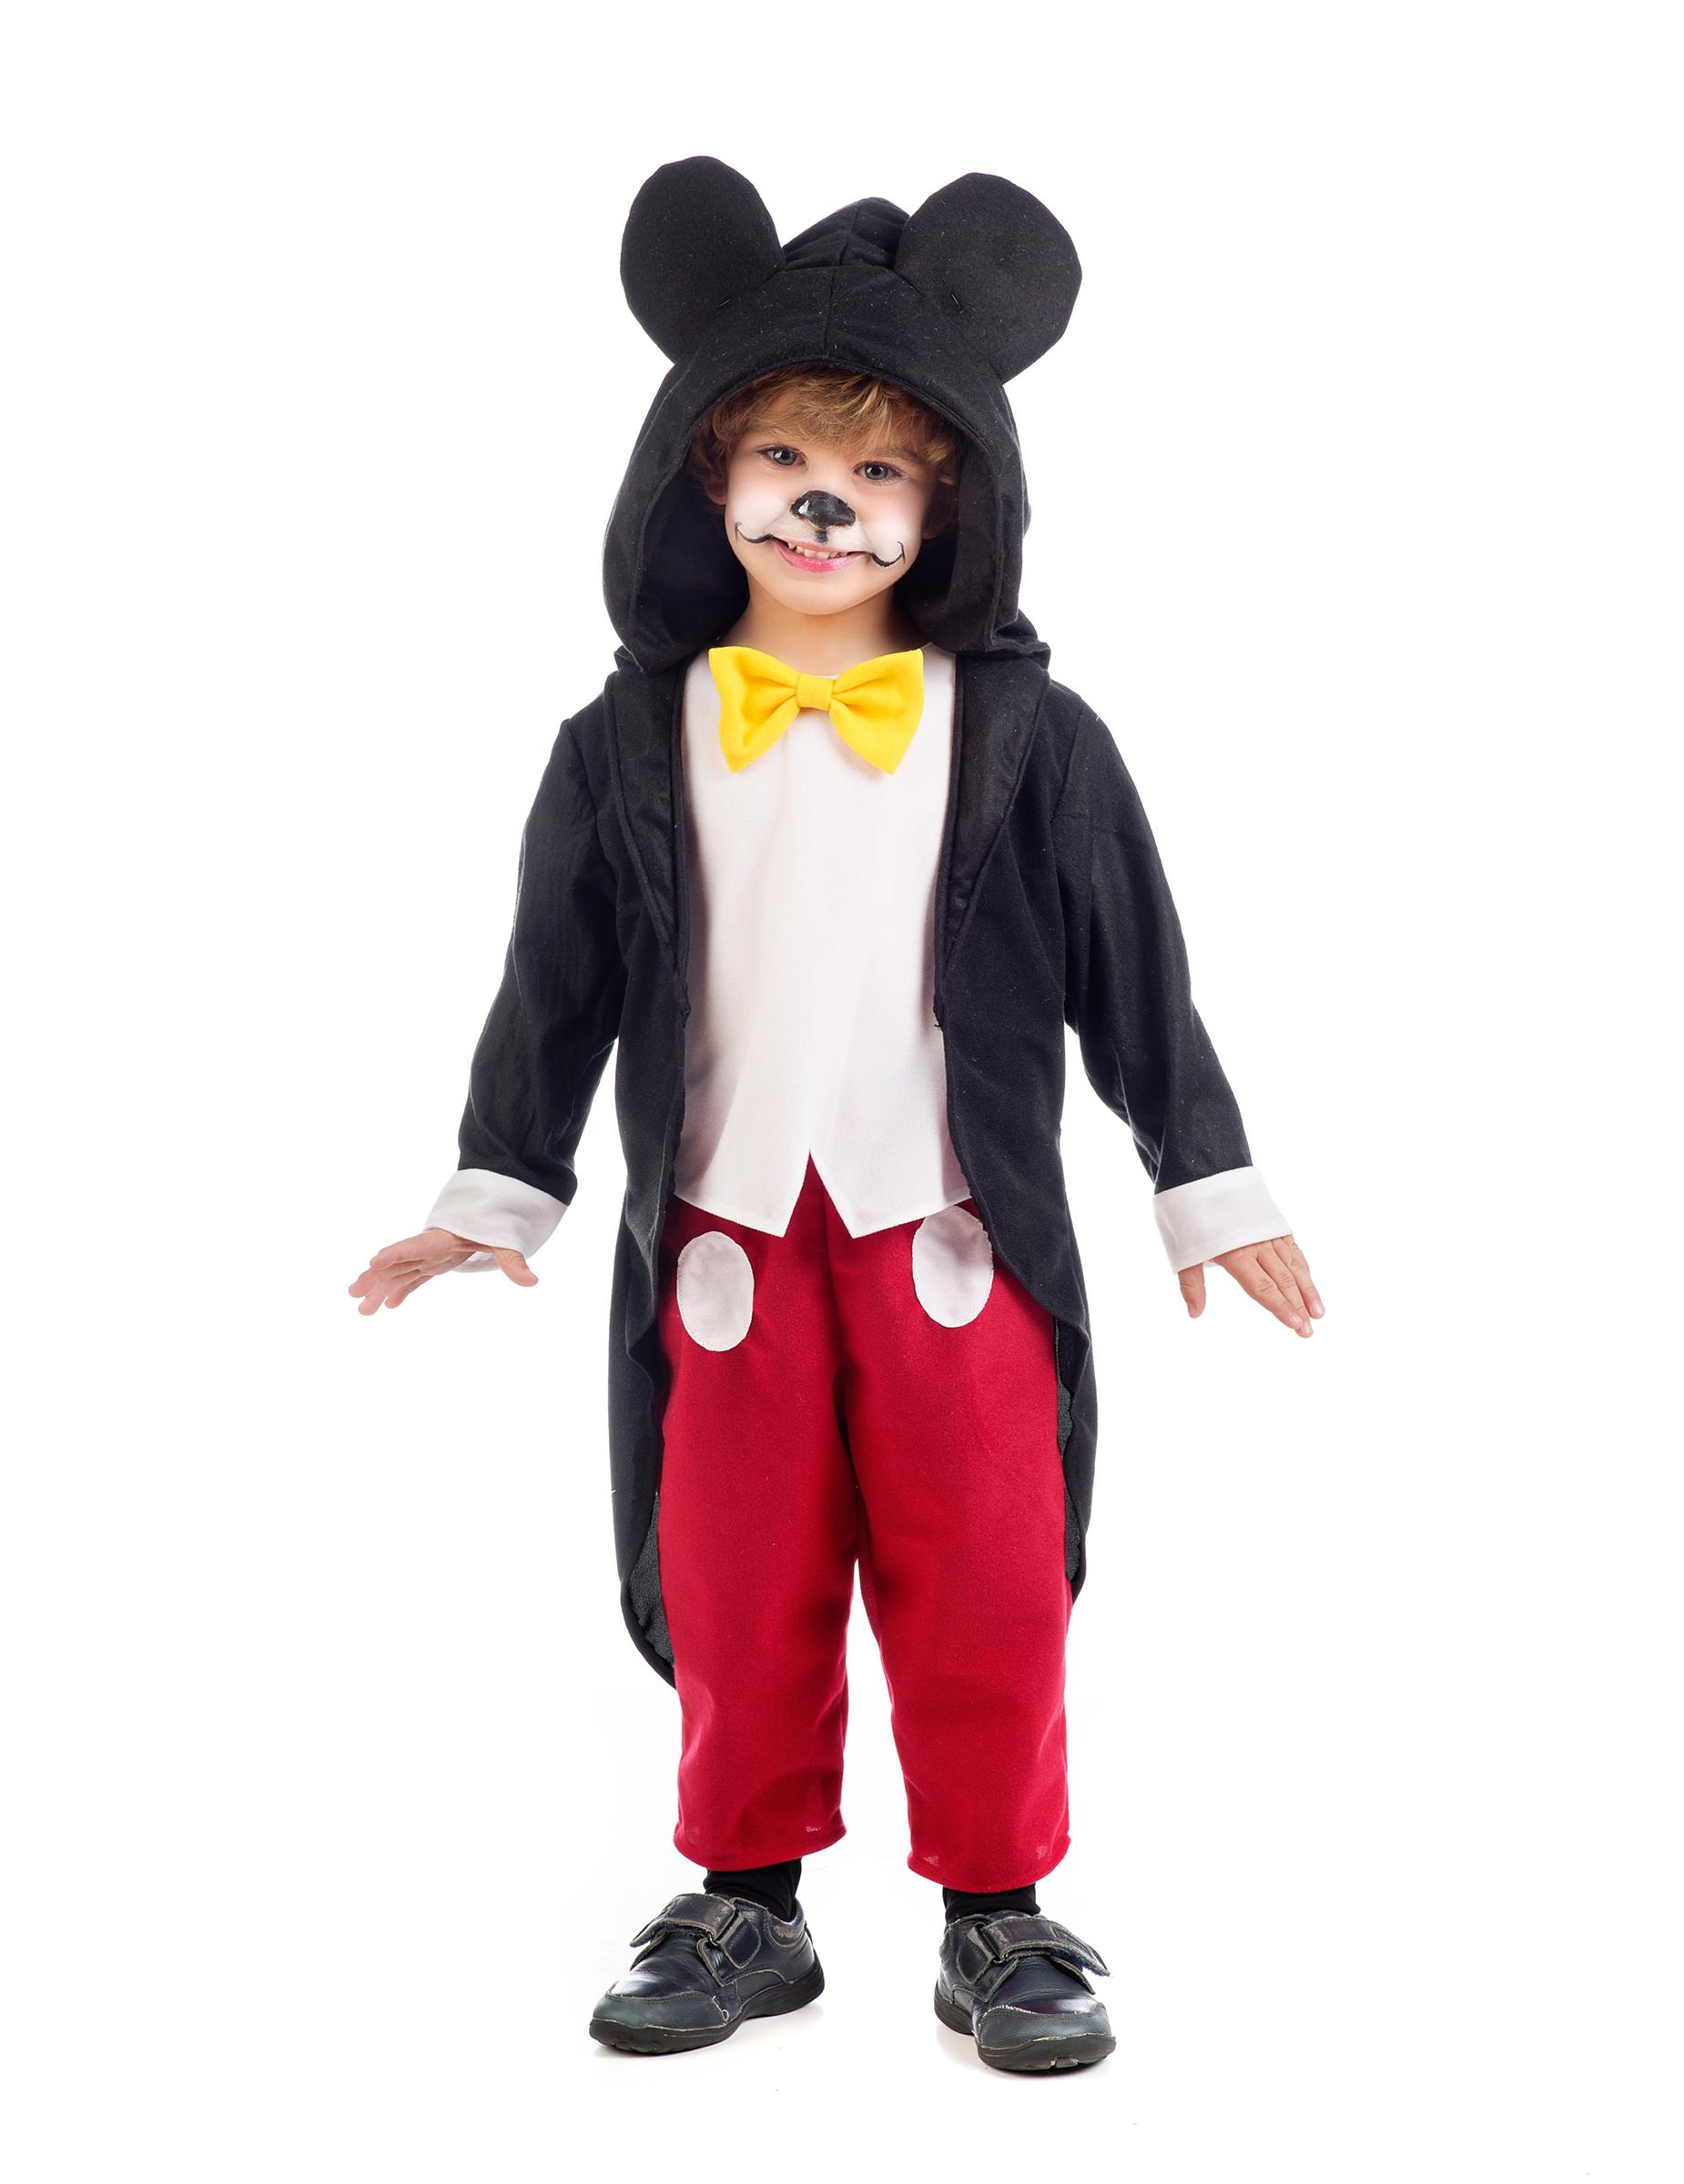 colore veloce comprare in vendita comprando ora Costume da topolino nero per bambino: Costumi bambini,e ...